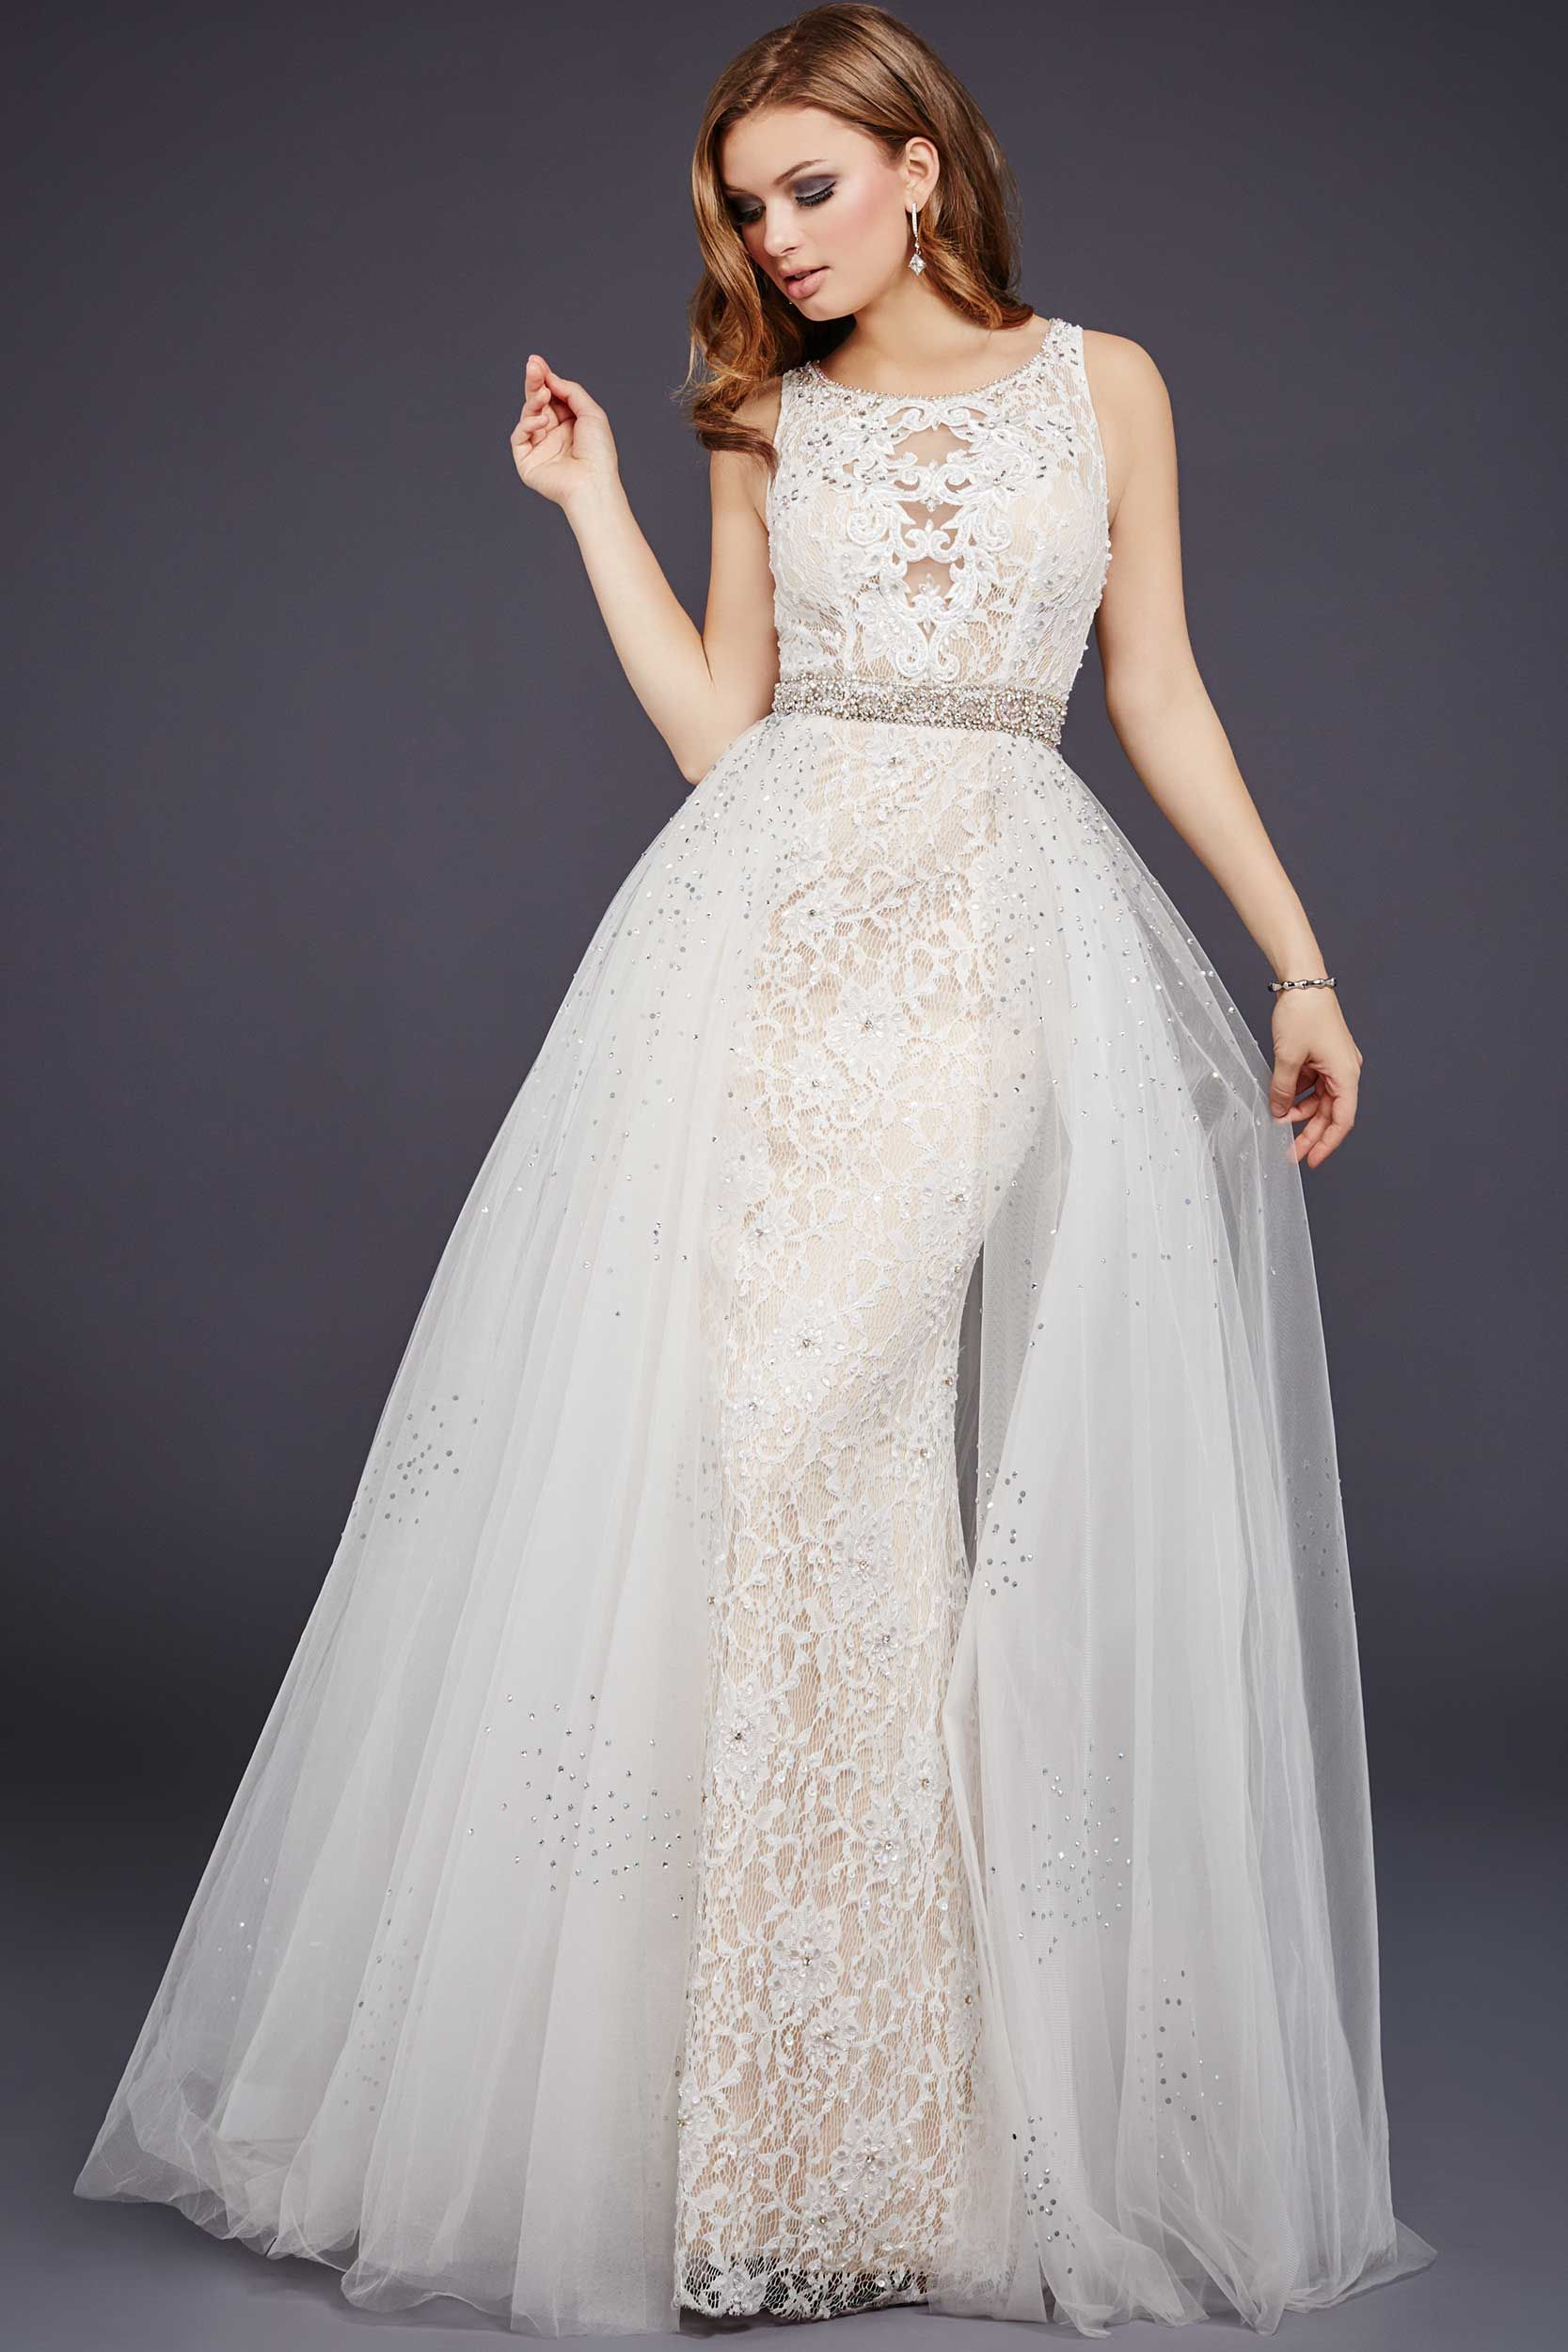 Baile toda la noche en este vestido de fiesta de lujo de encaje ...